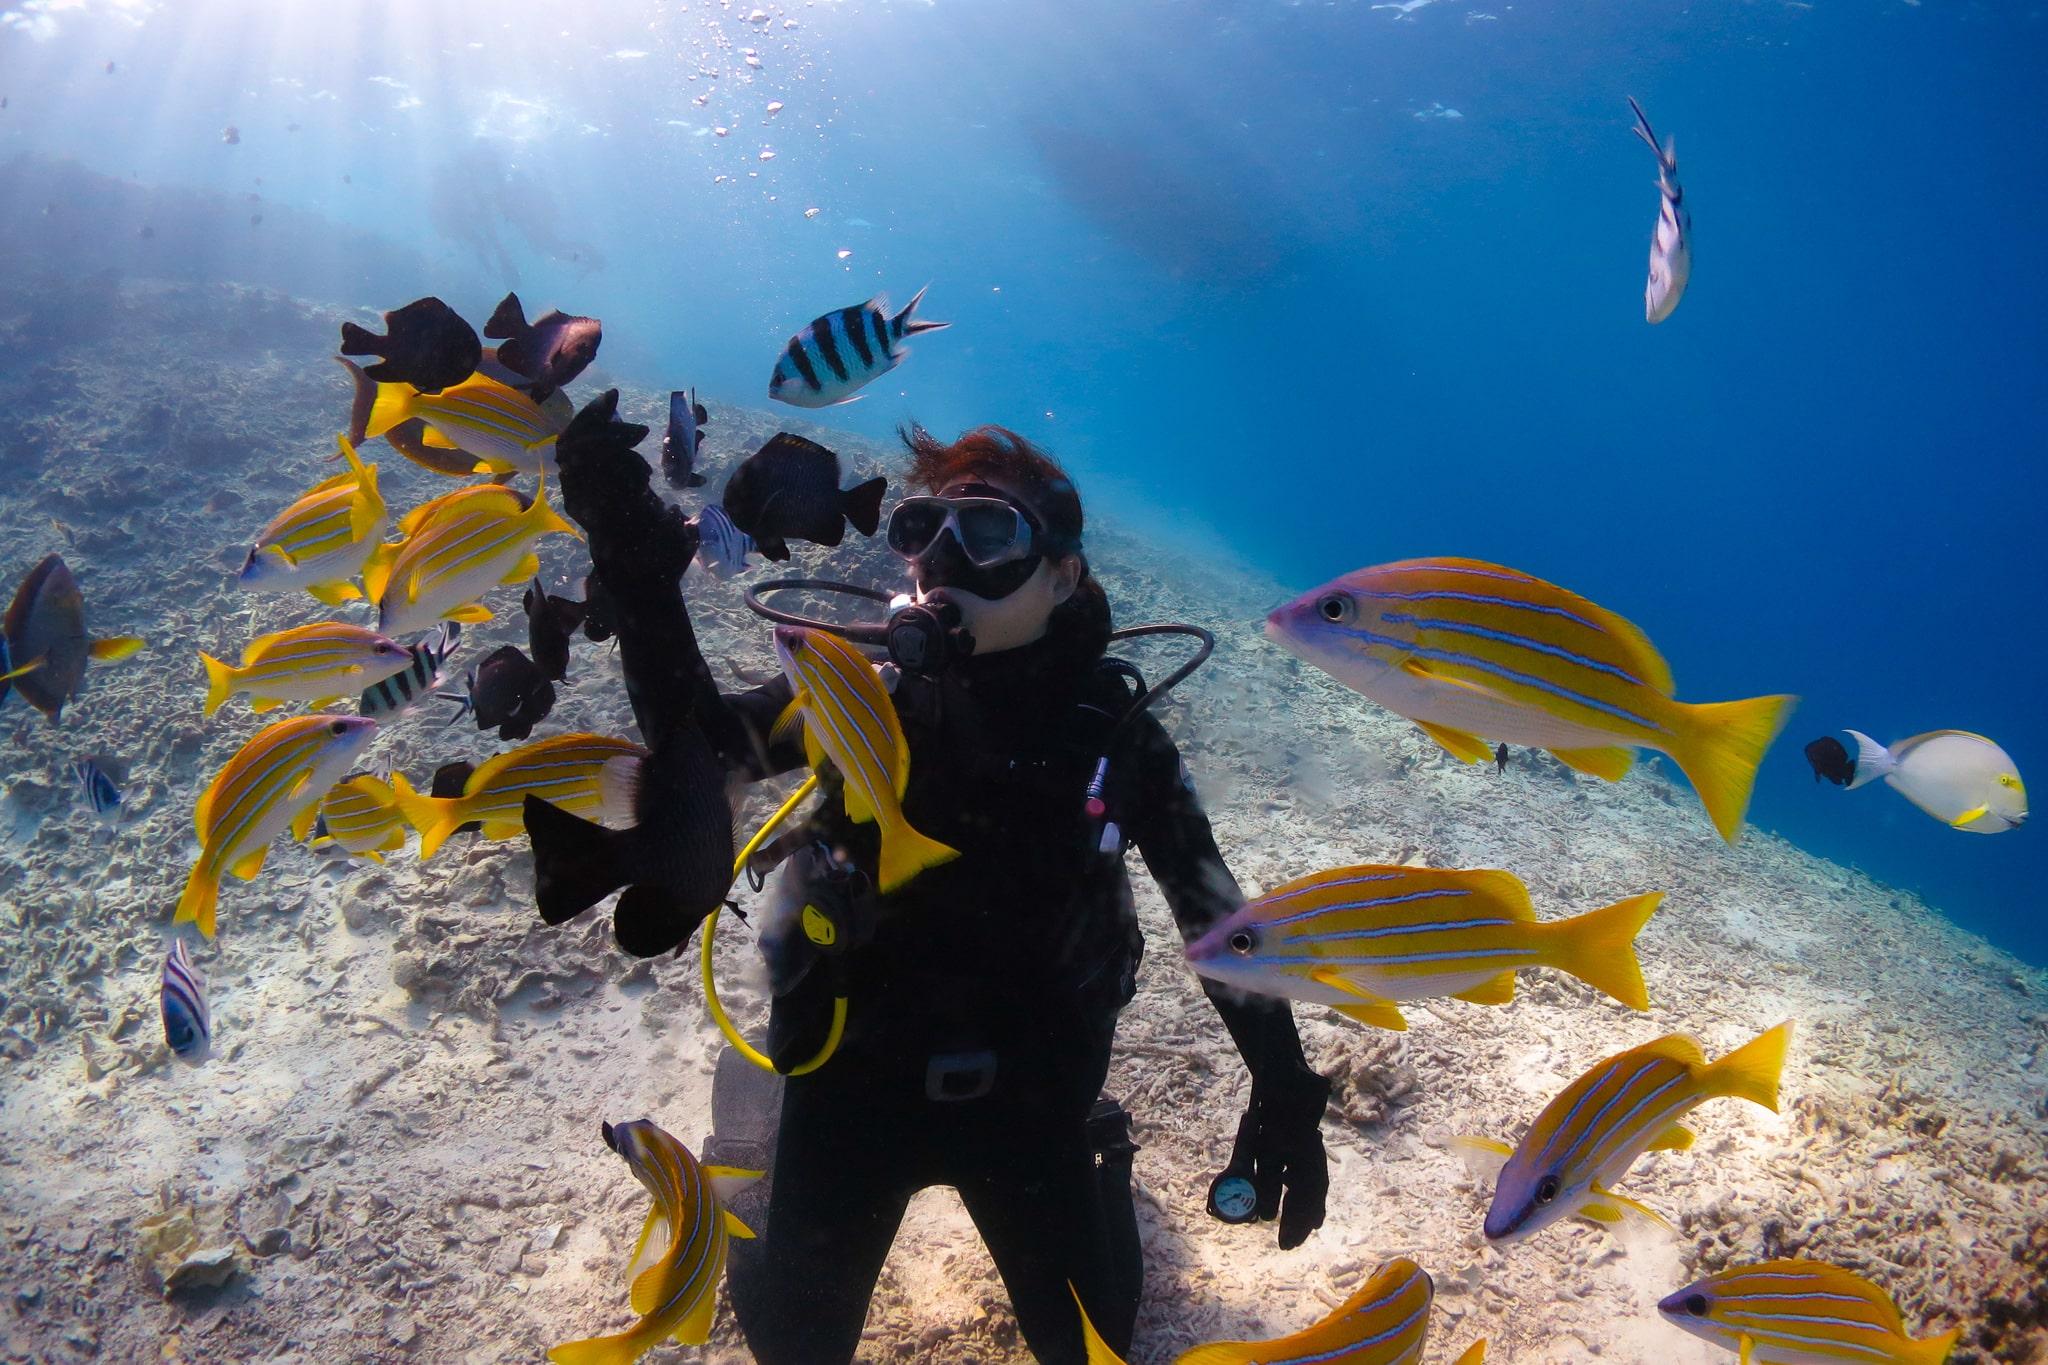 【恩納村】【貸切制】美ら海体験ダイビング(写真・動画撮影サービス付)(No.78)